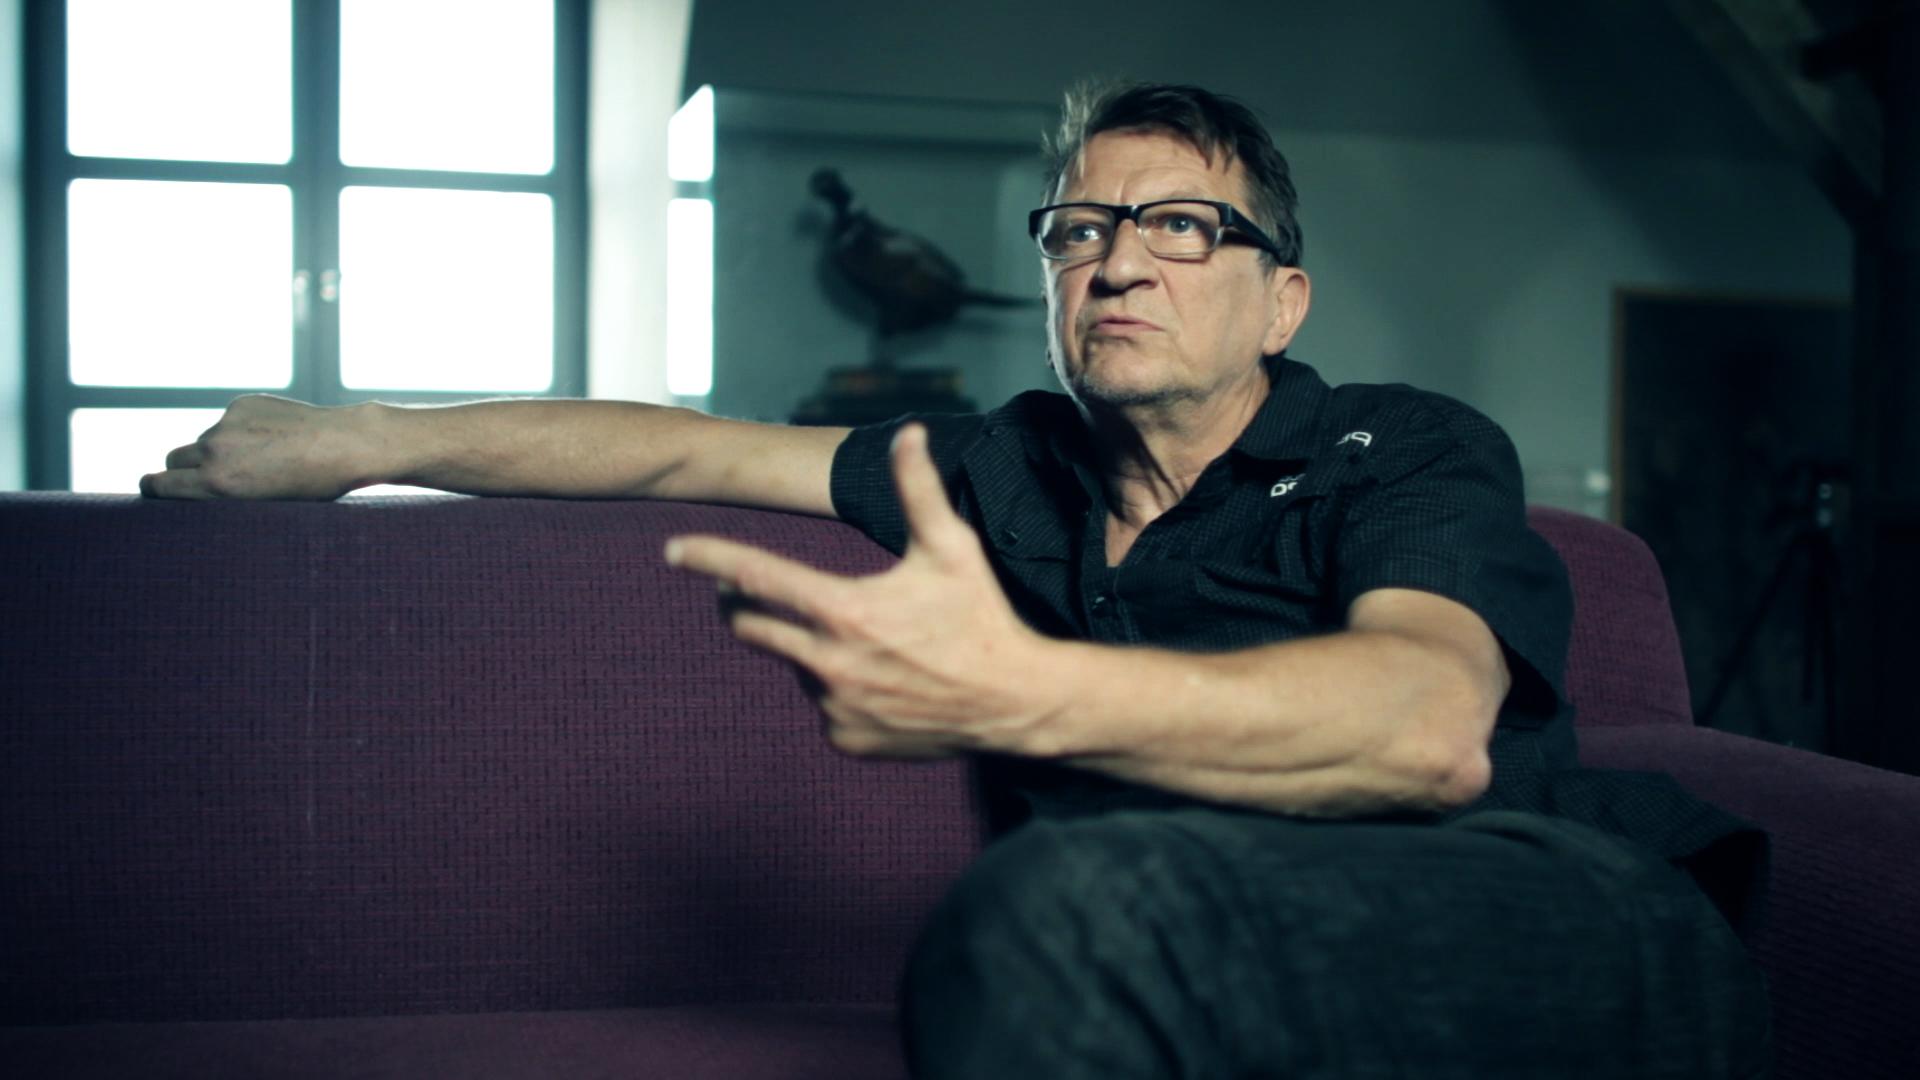 Elvin Flamingo, Wytwórcy wyobraźni, kadr zfilmu (Grzegorz Klaman)